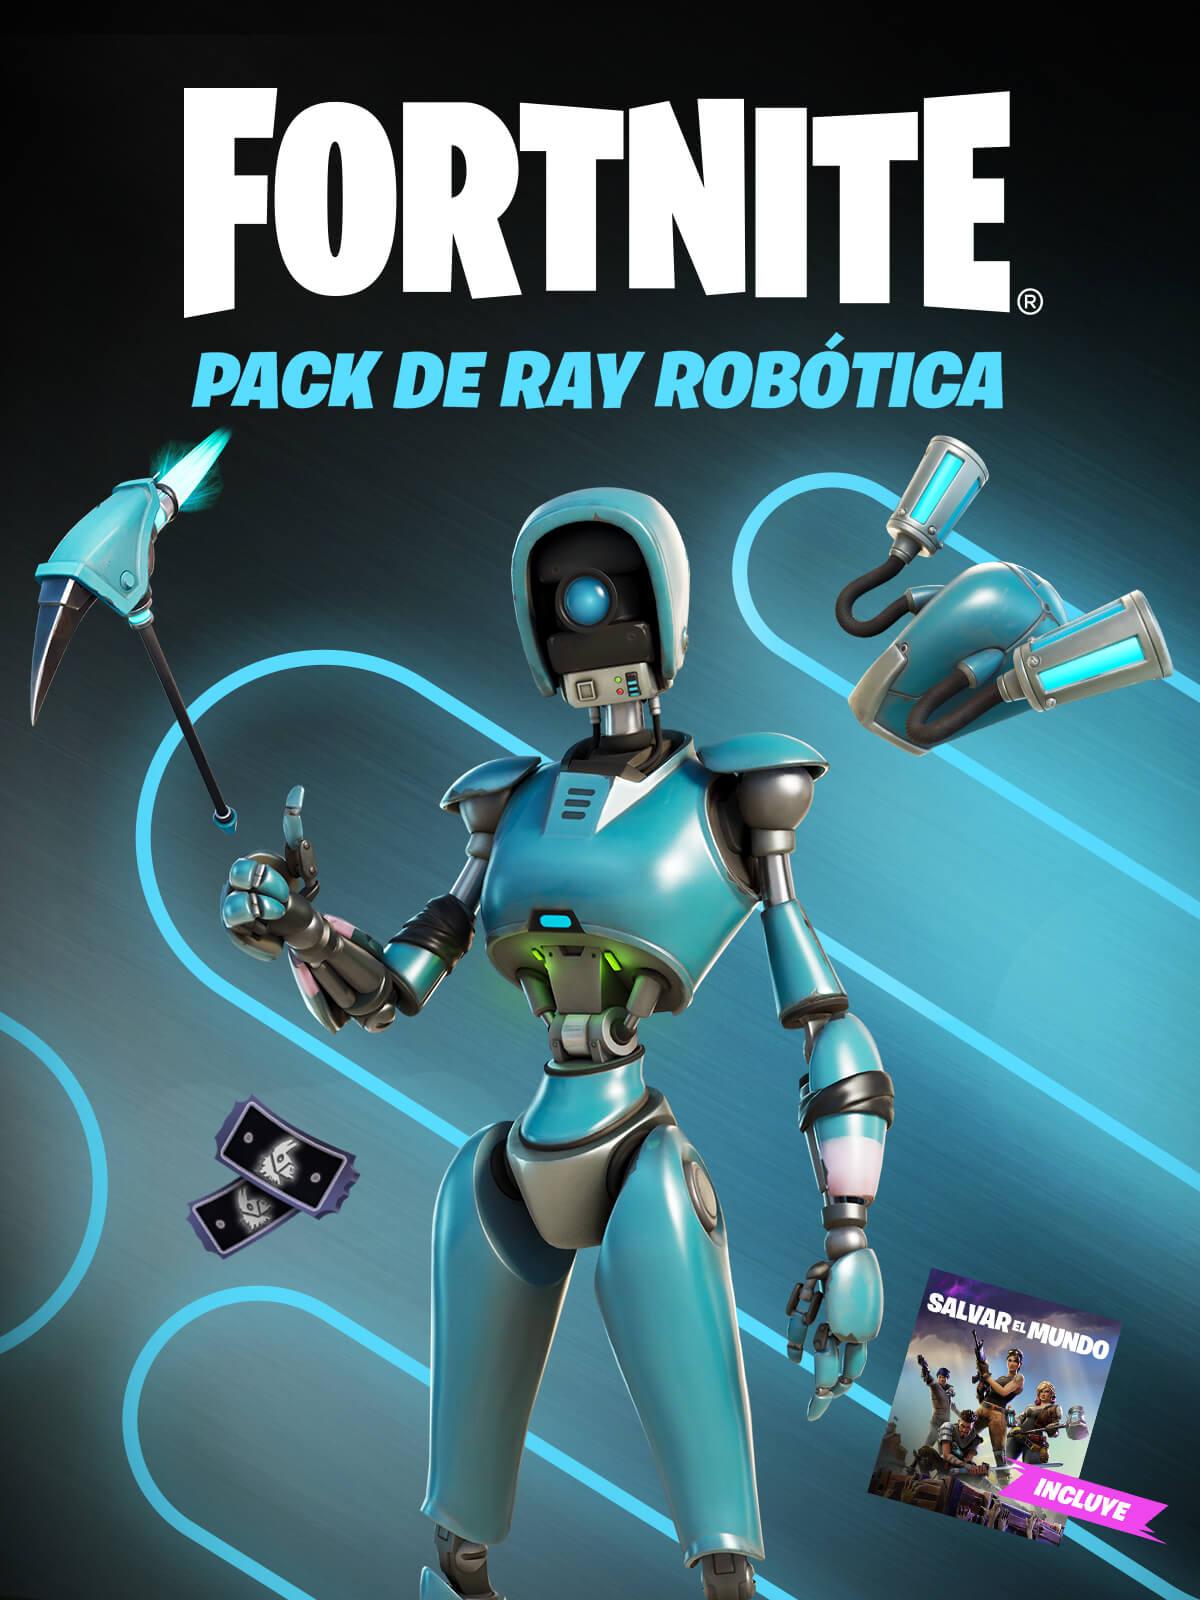 Fortnite - Pack de Ray robótica